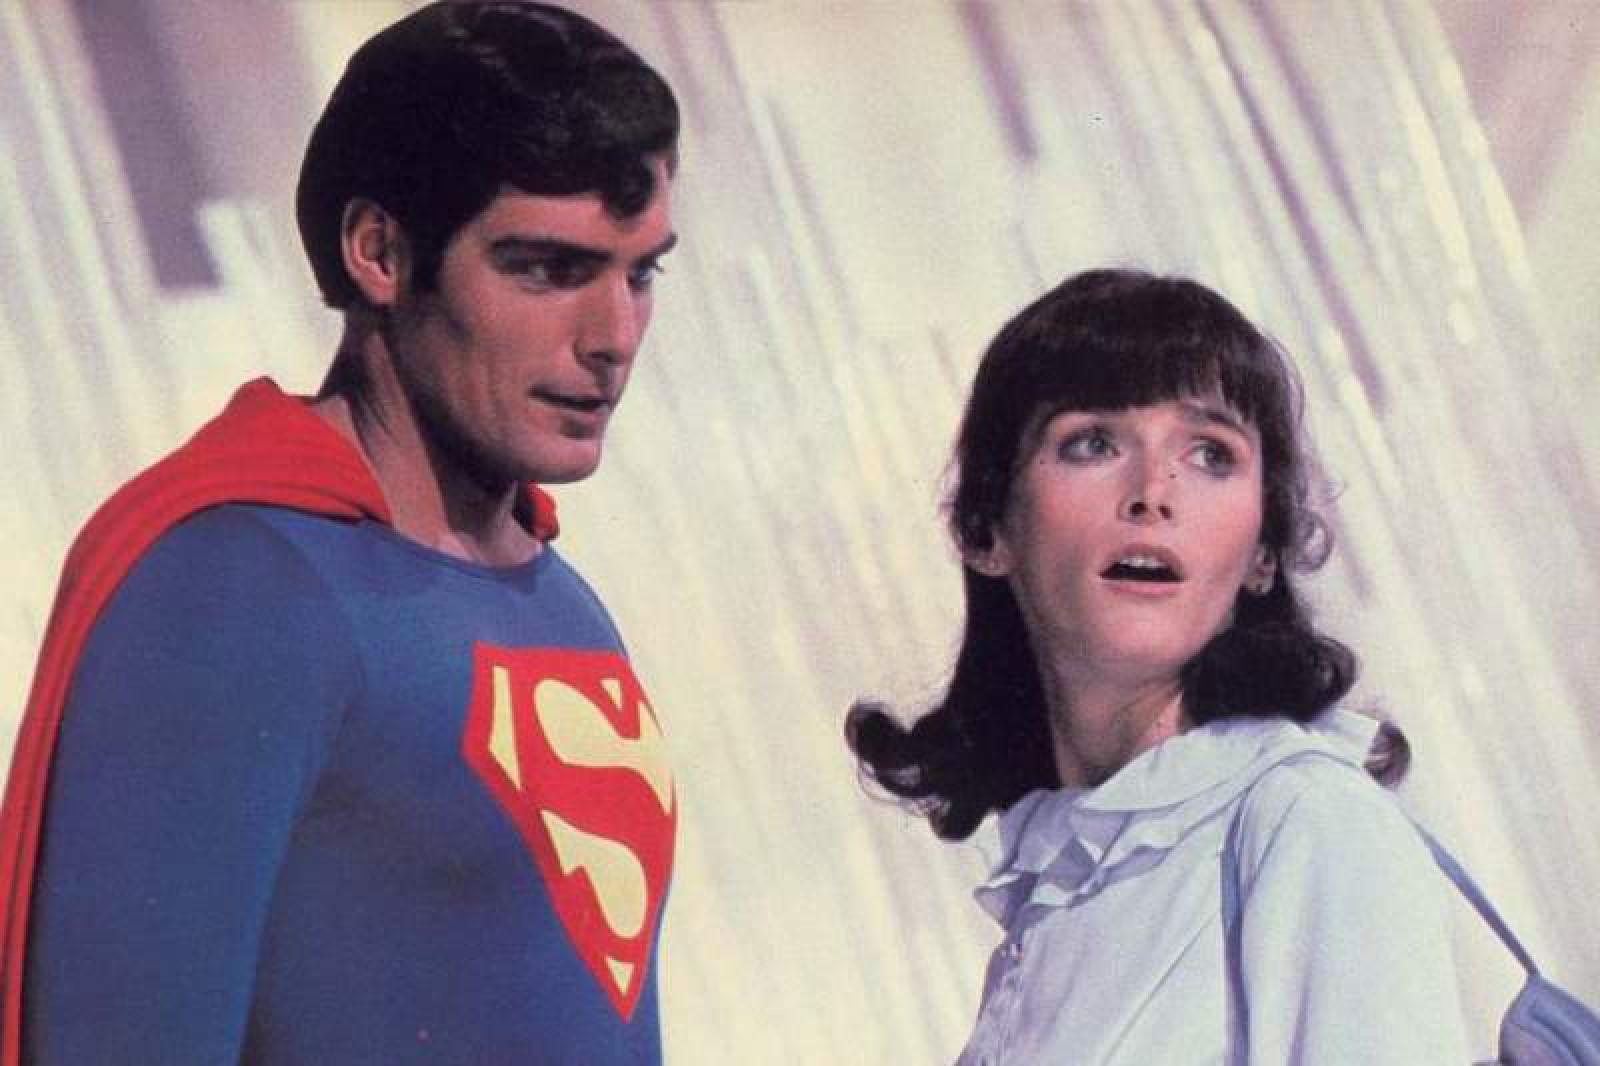 """(video) Actrița Margot Kidder, cunoscută în special pentru rolul din """"Superman"""", a murit la vârsta de 69 de ani"""